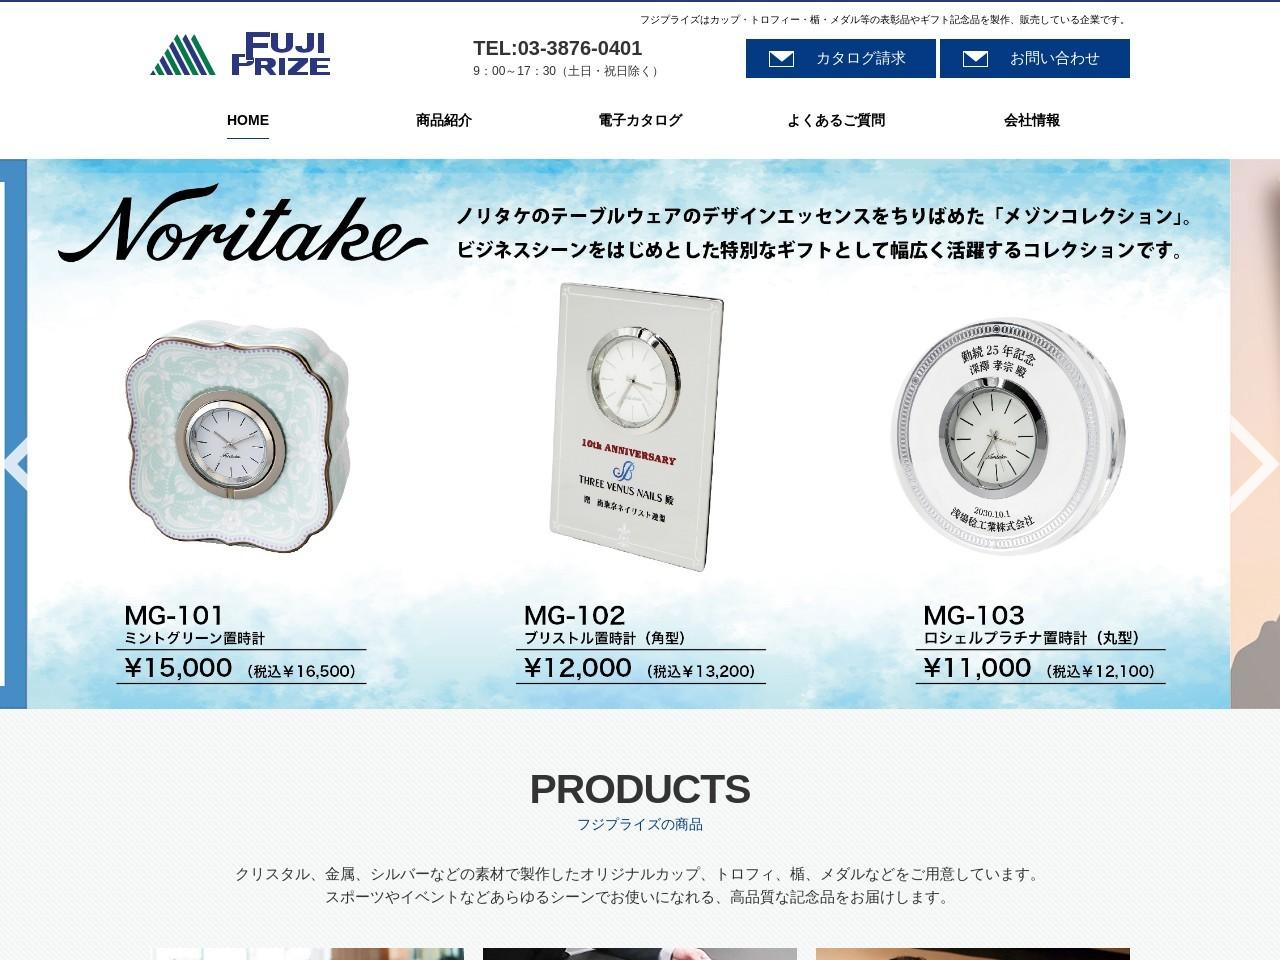 TOP|フジプライズ メダル・旗・ゴルフ表彰品・ギフト記念品などを製作、販売の総合メーカー